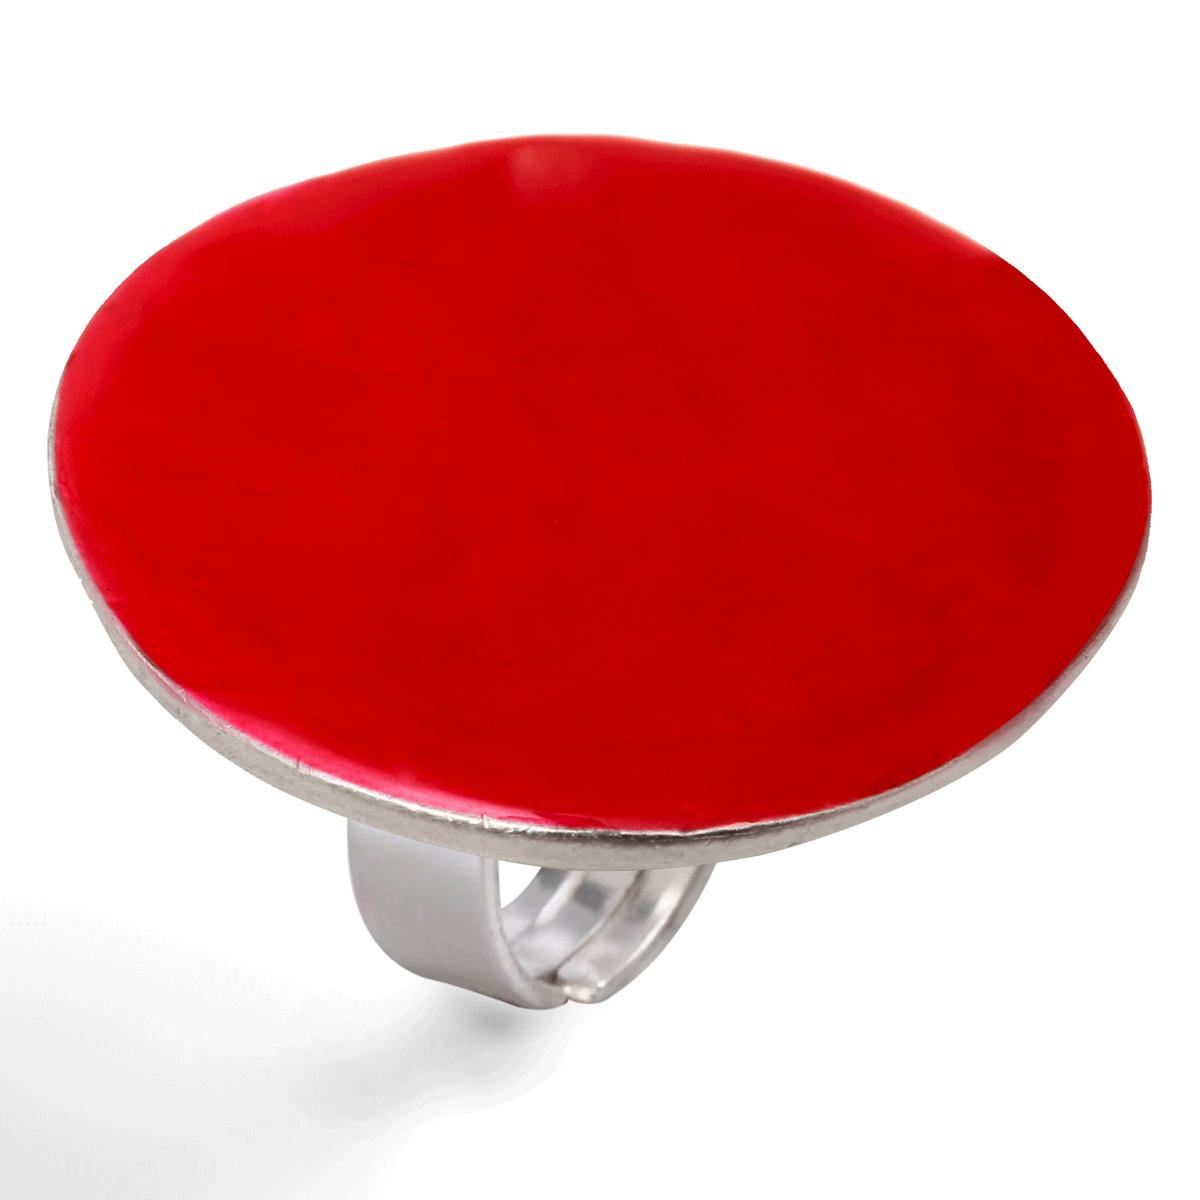 Bijou email femme lilttle woman paris bague ronde rouge